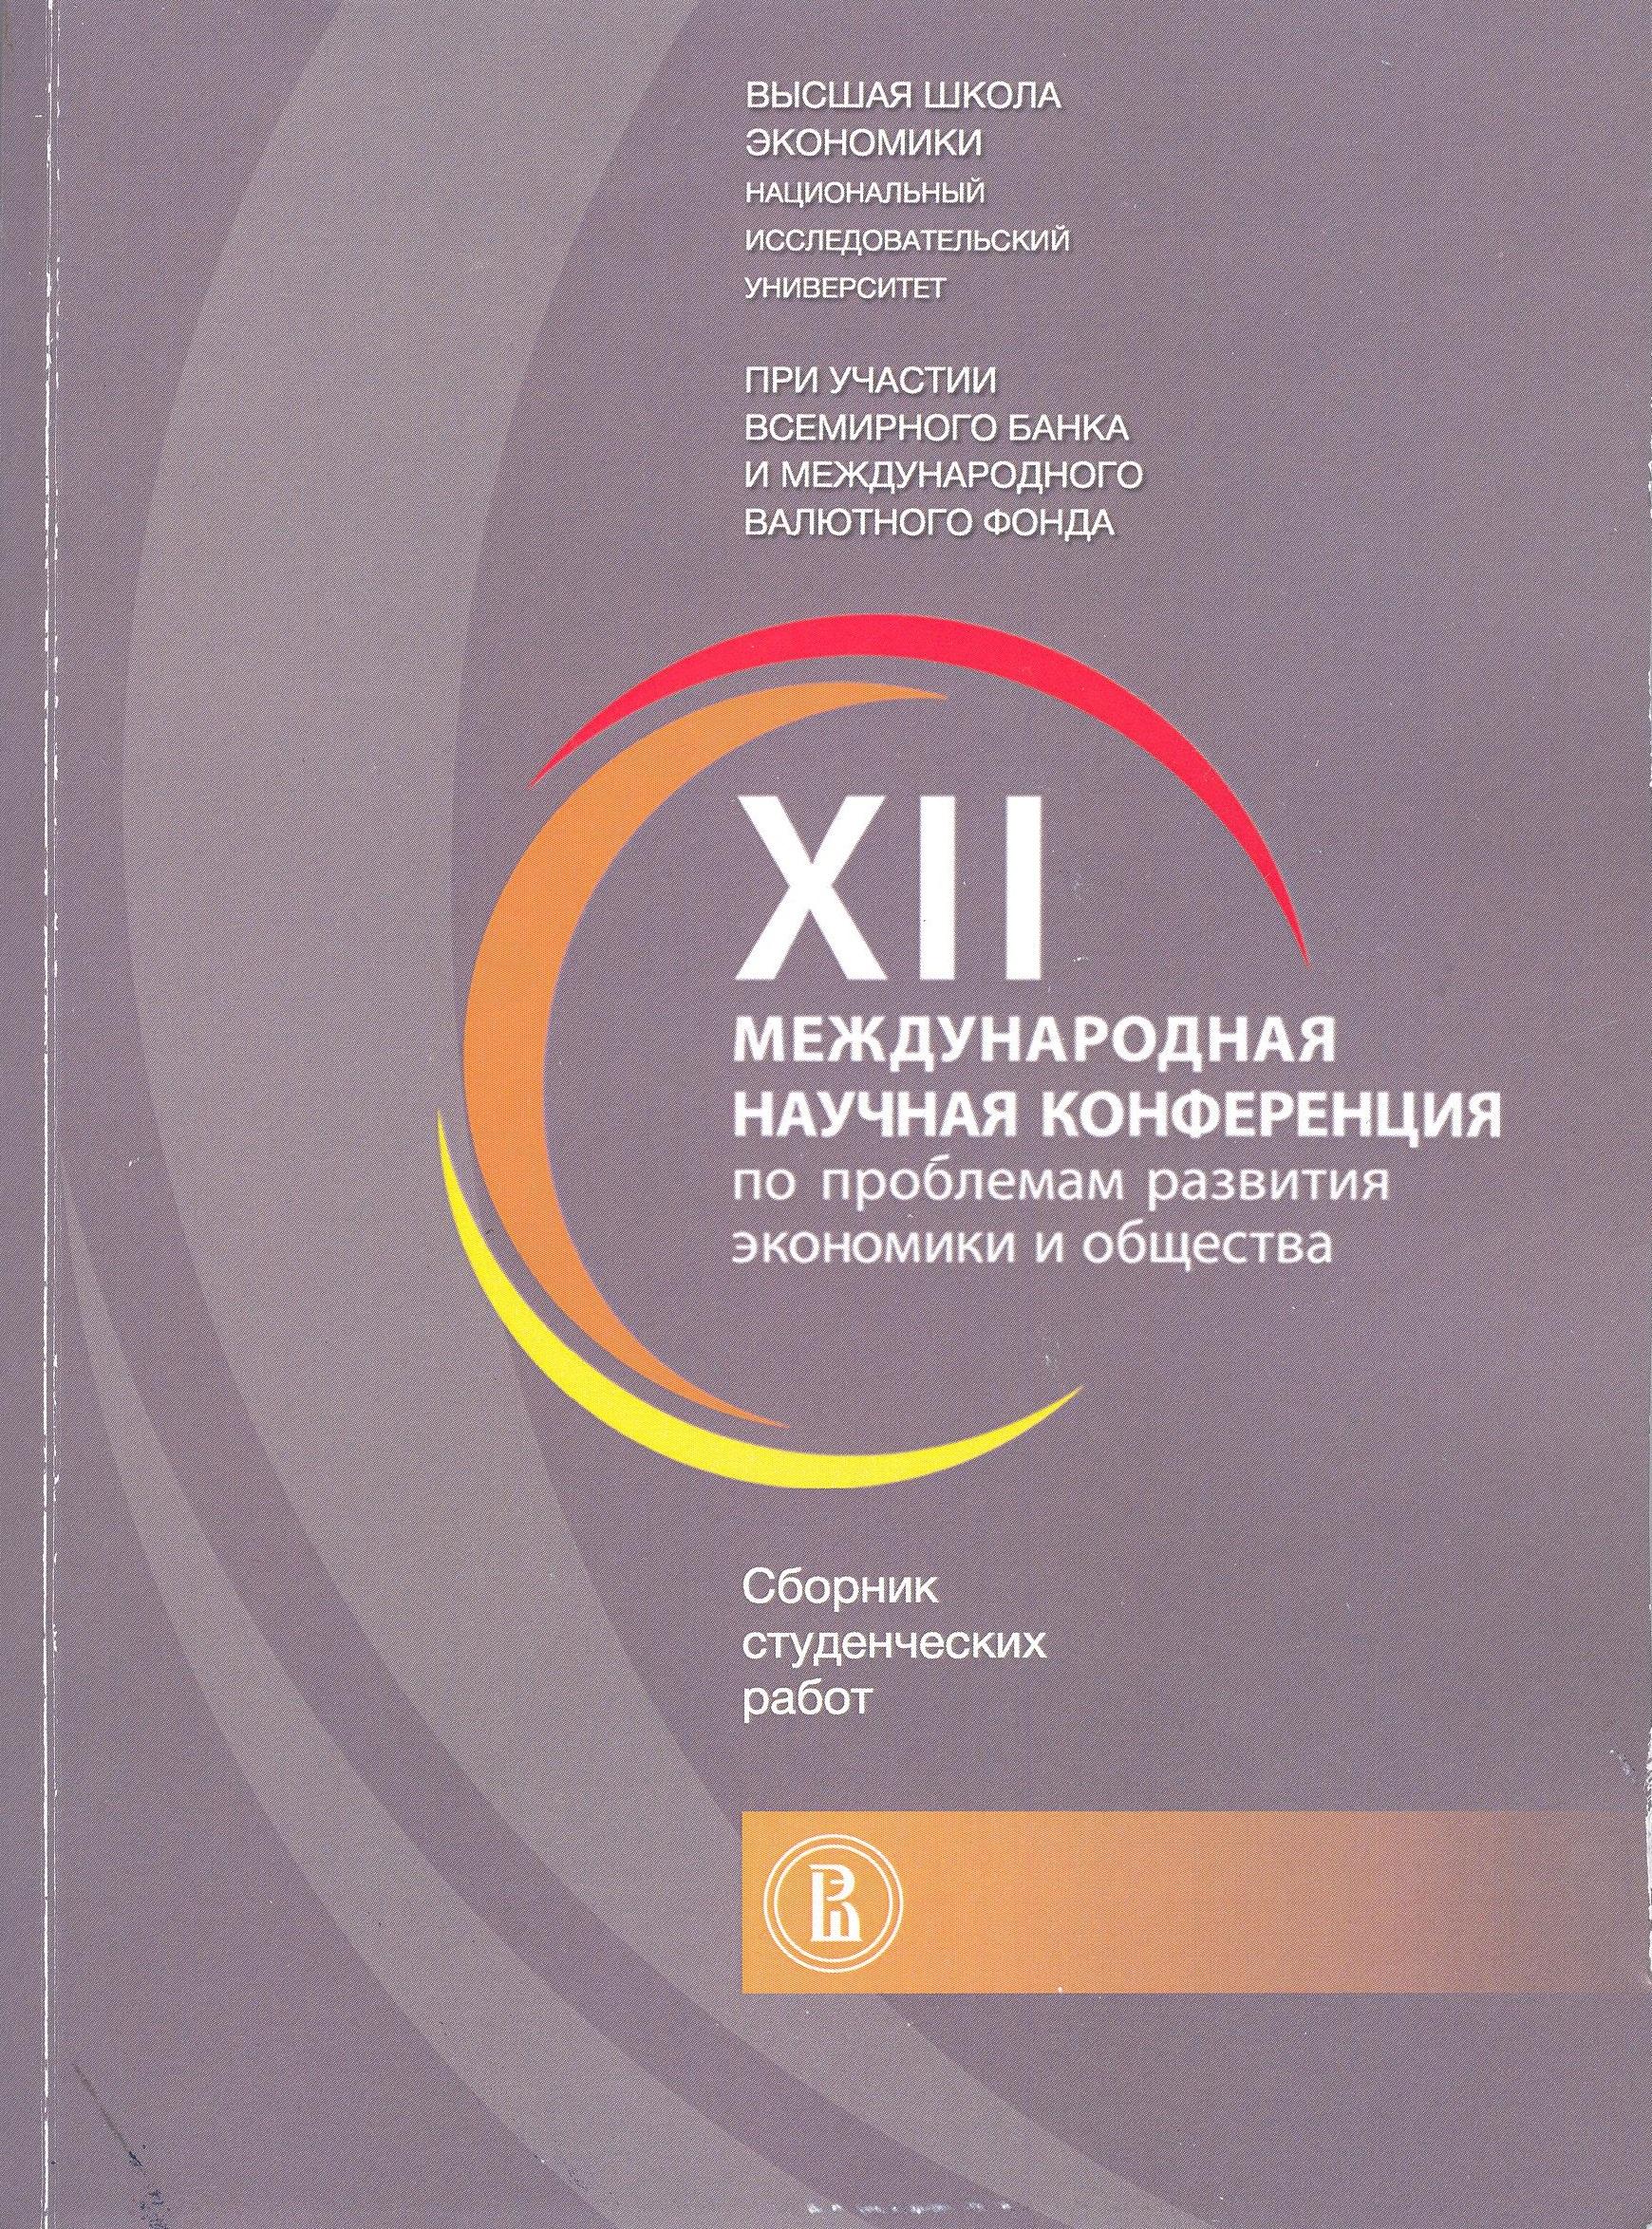 XII Международная научная конференция по проблемам развития экономики и общества: сборник студенческих работ